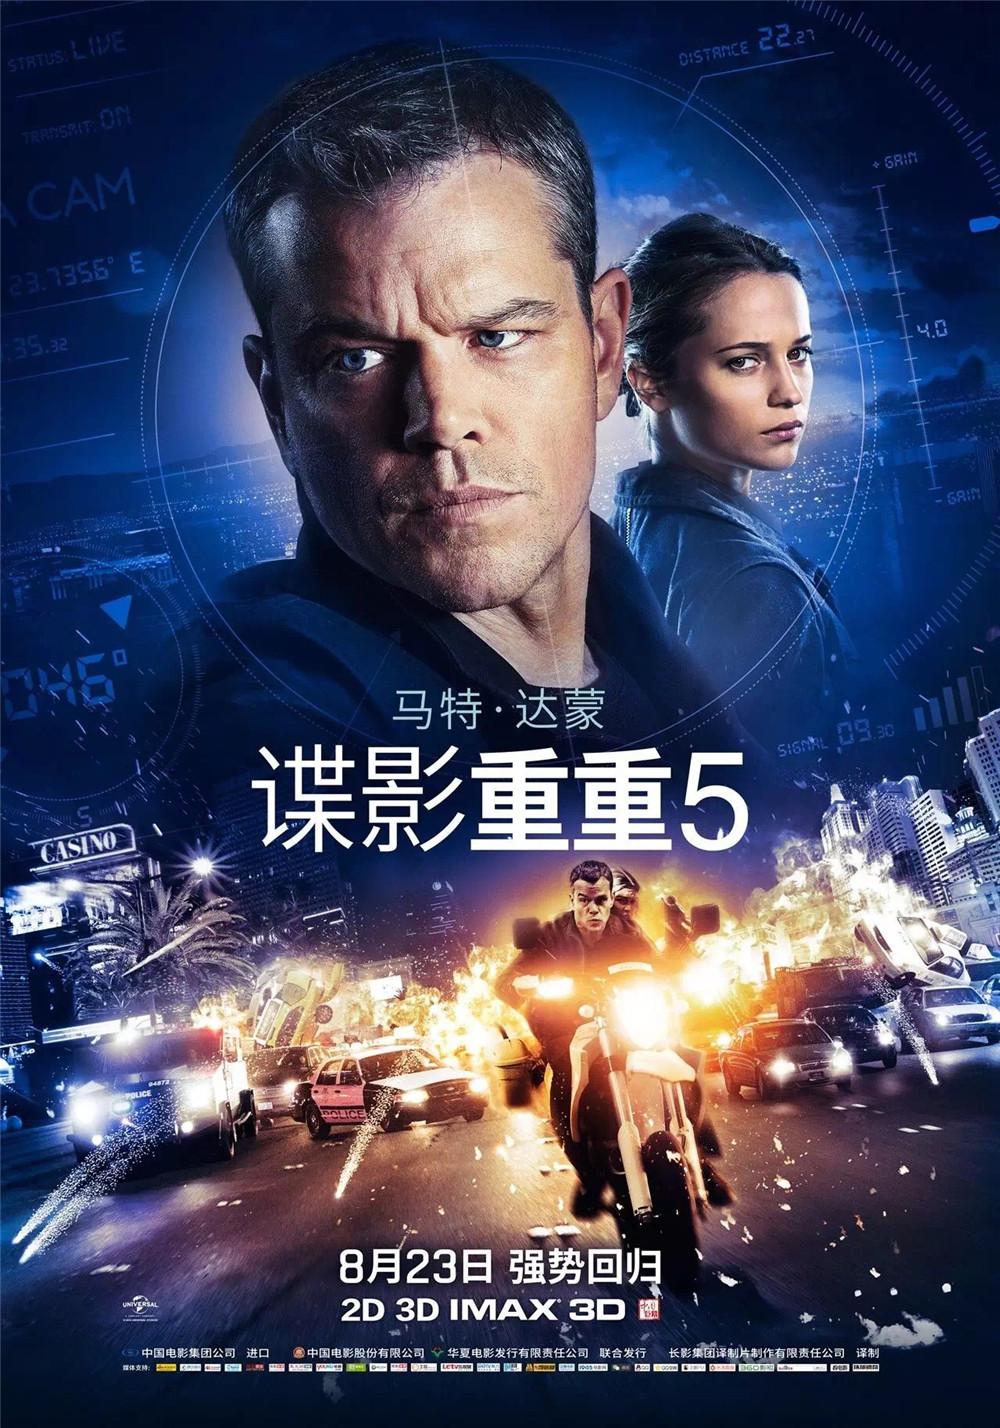 《谍影重重5》好评如潮:可以给满分的电影